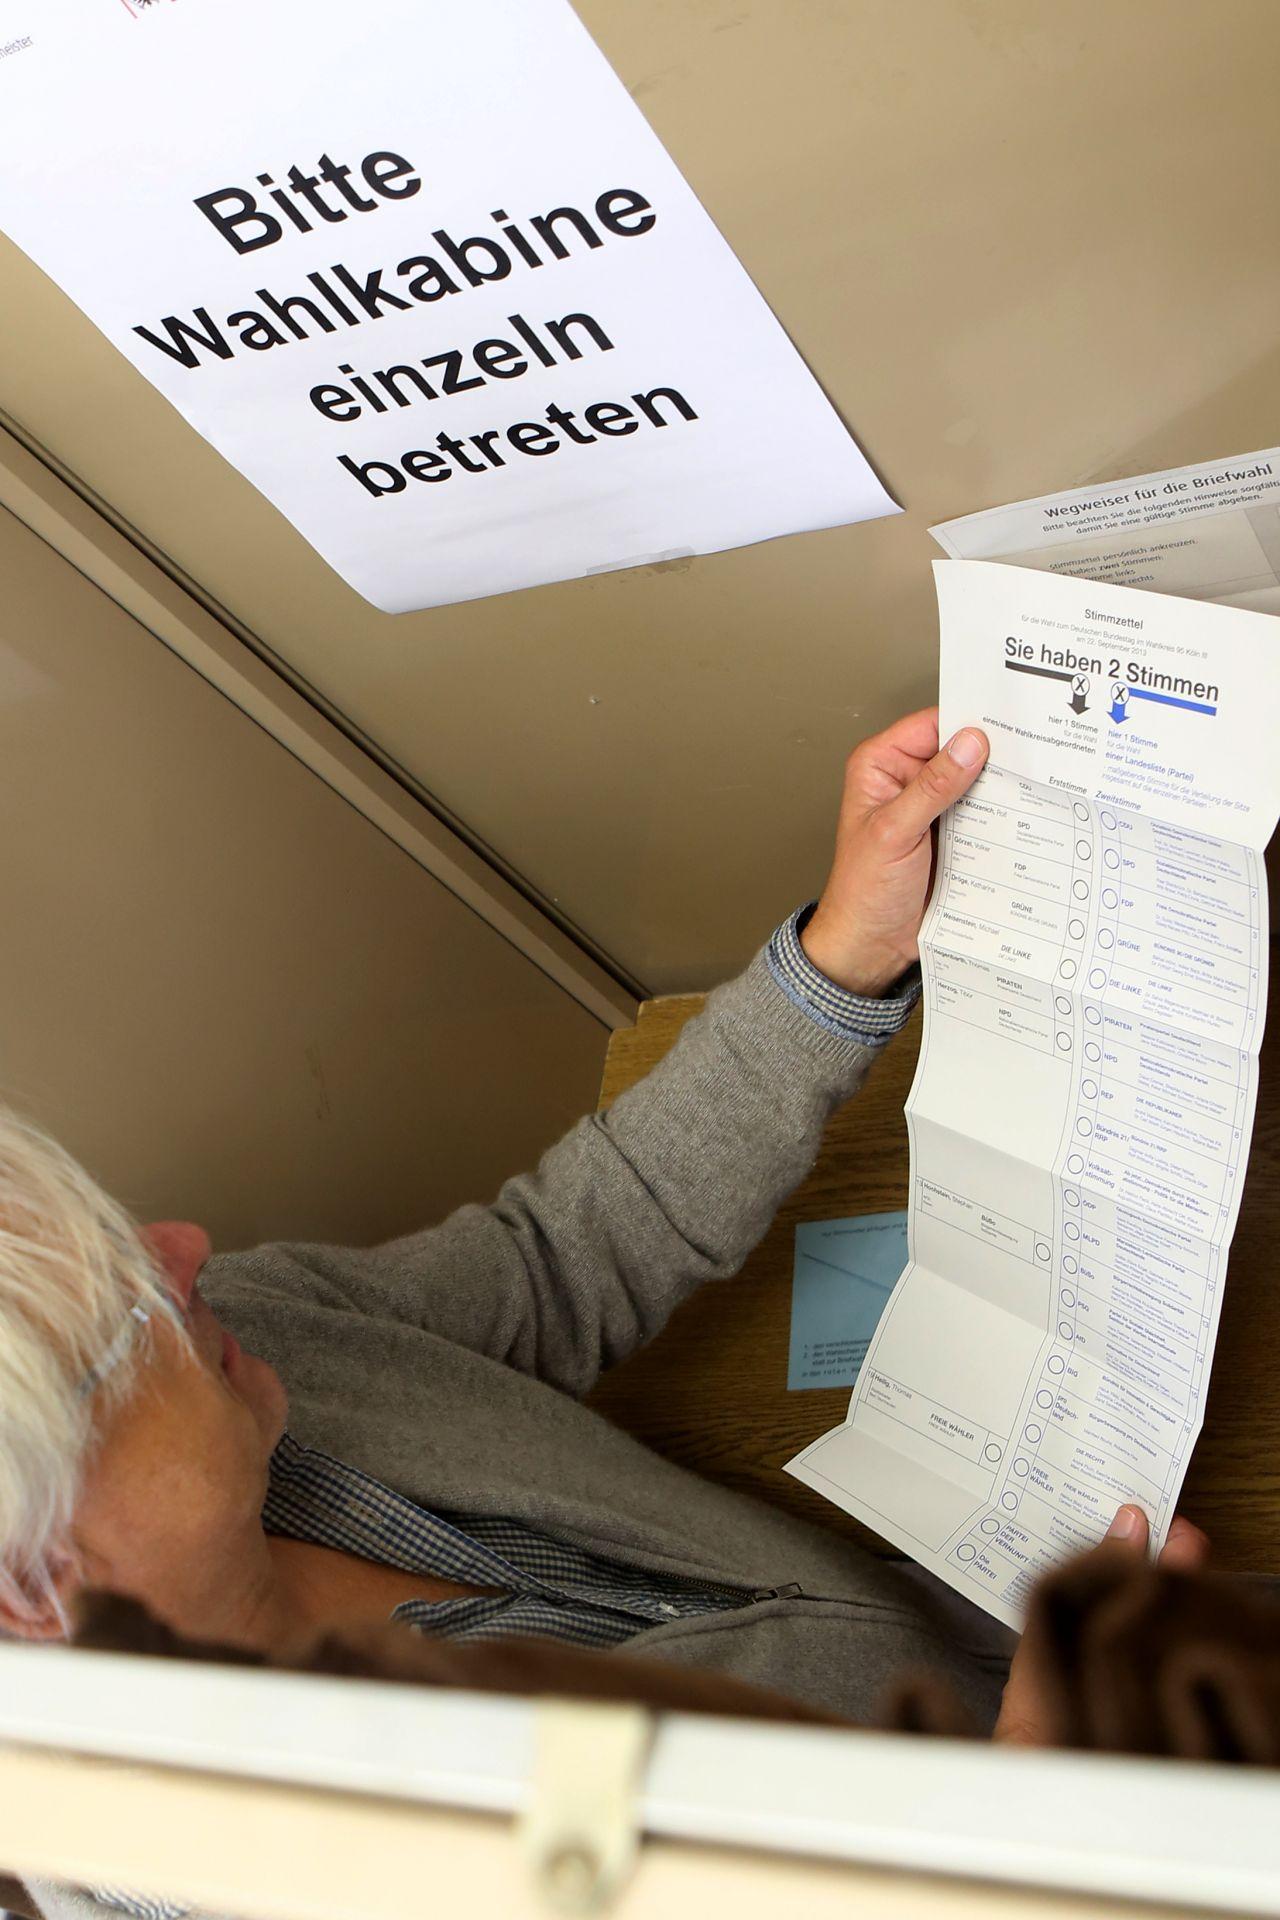 Warum soll ich bei der Bundestagswahl wählen gehen?